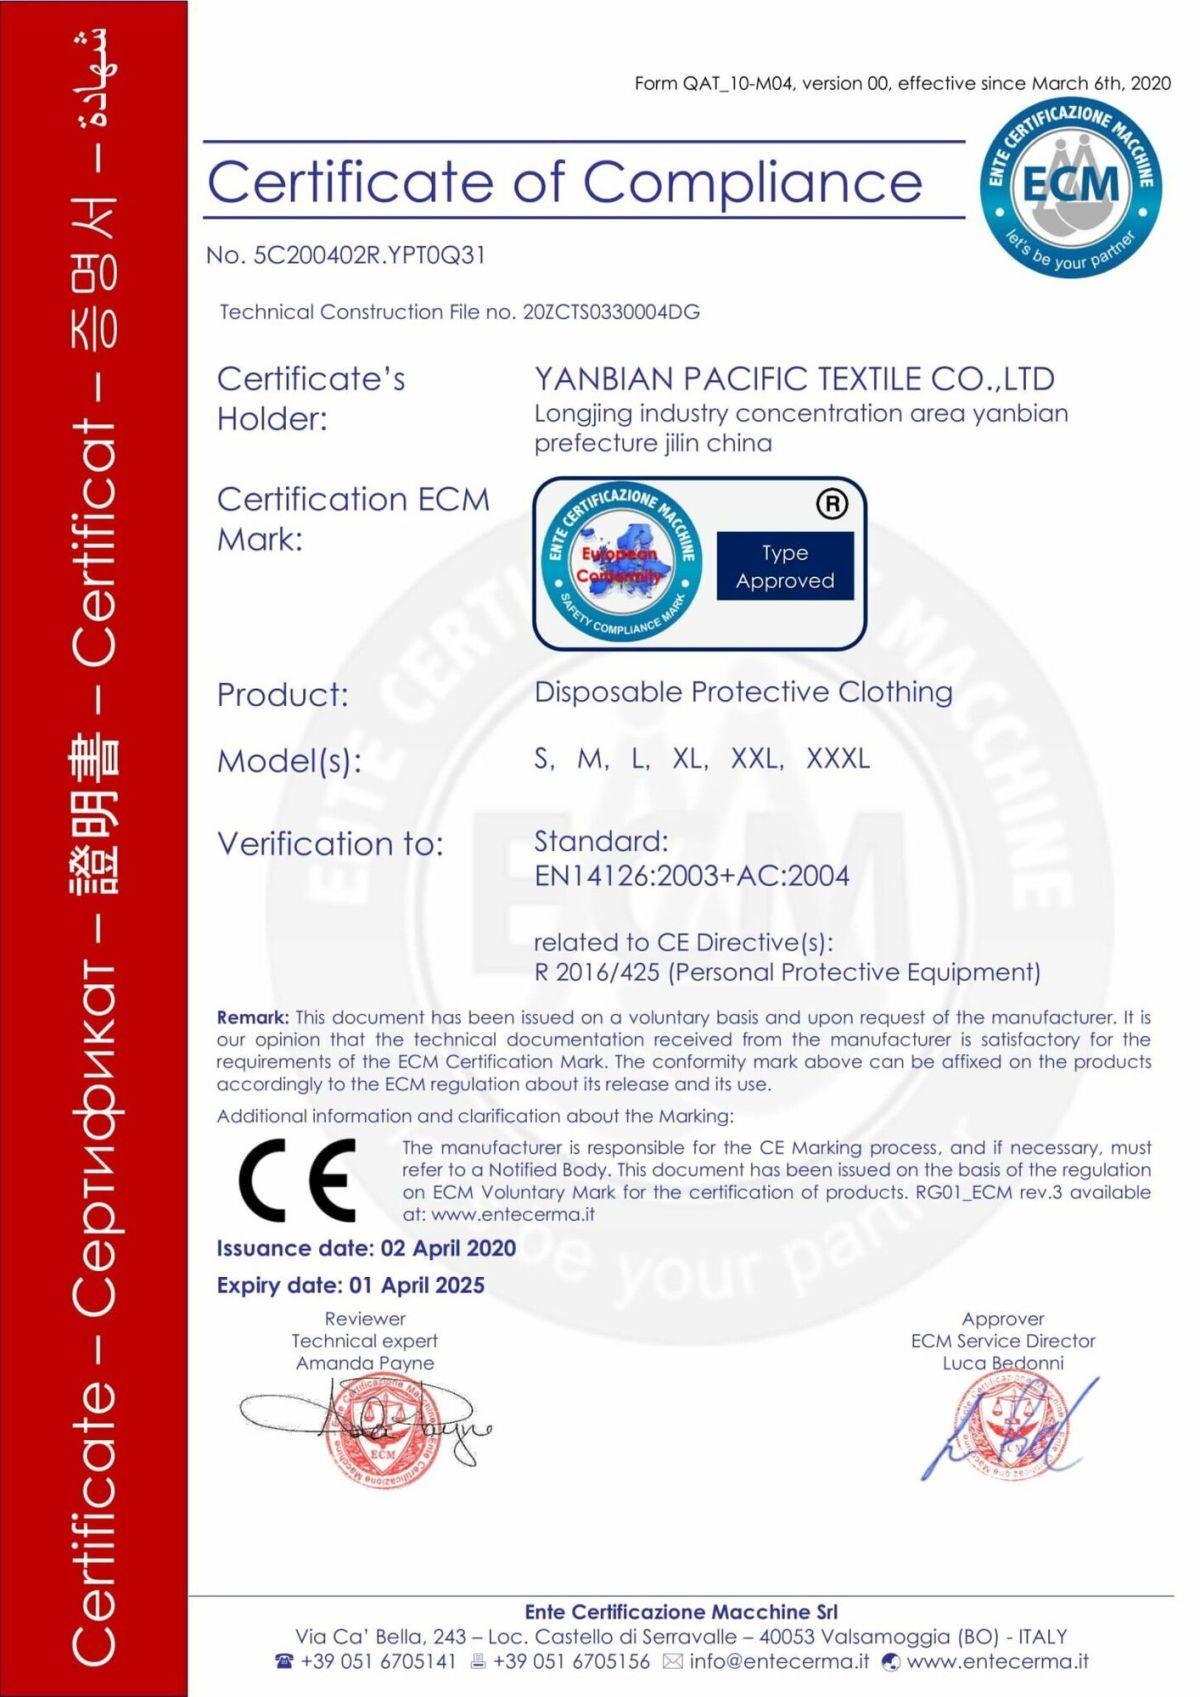 """Сертифікат ЄСМ, який був виданий на привезені """"Епіцентром"""" товари"""